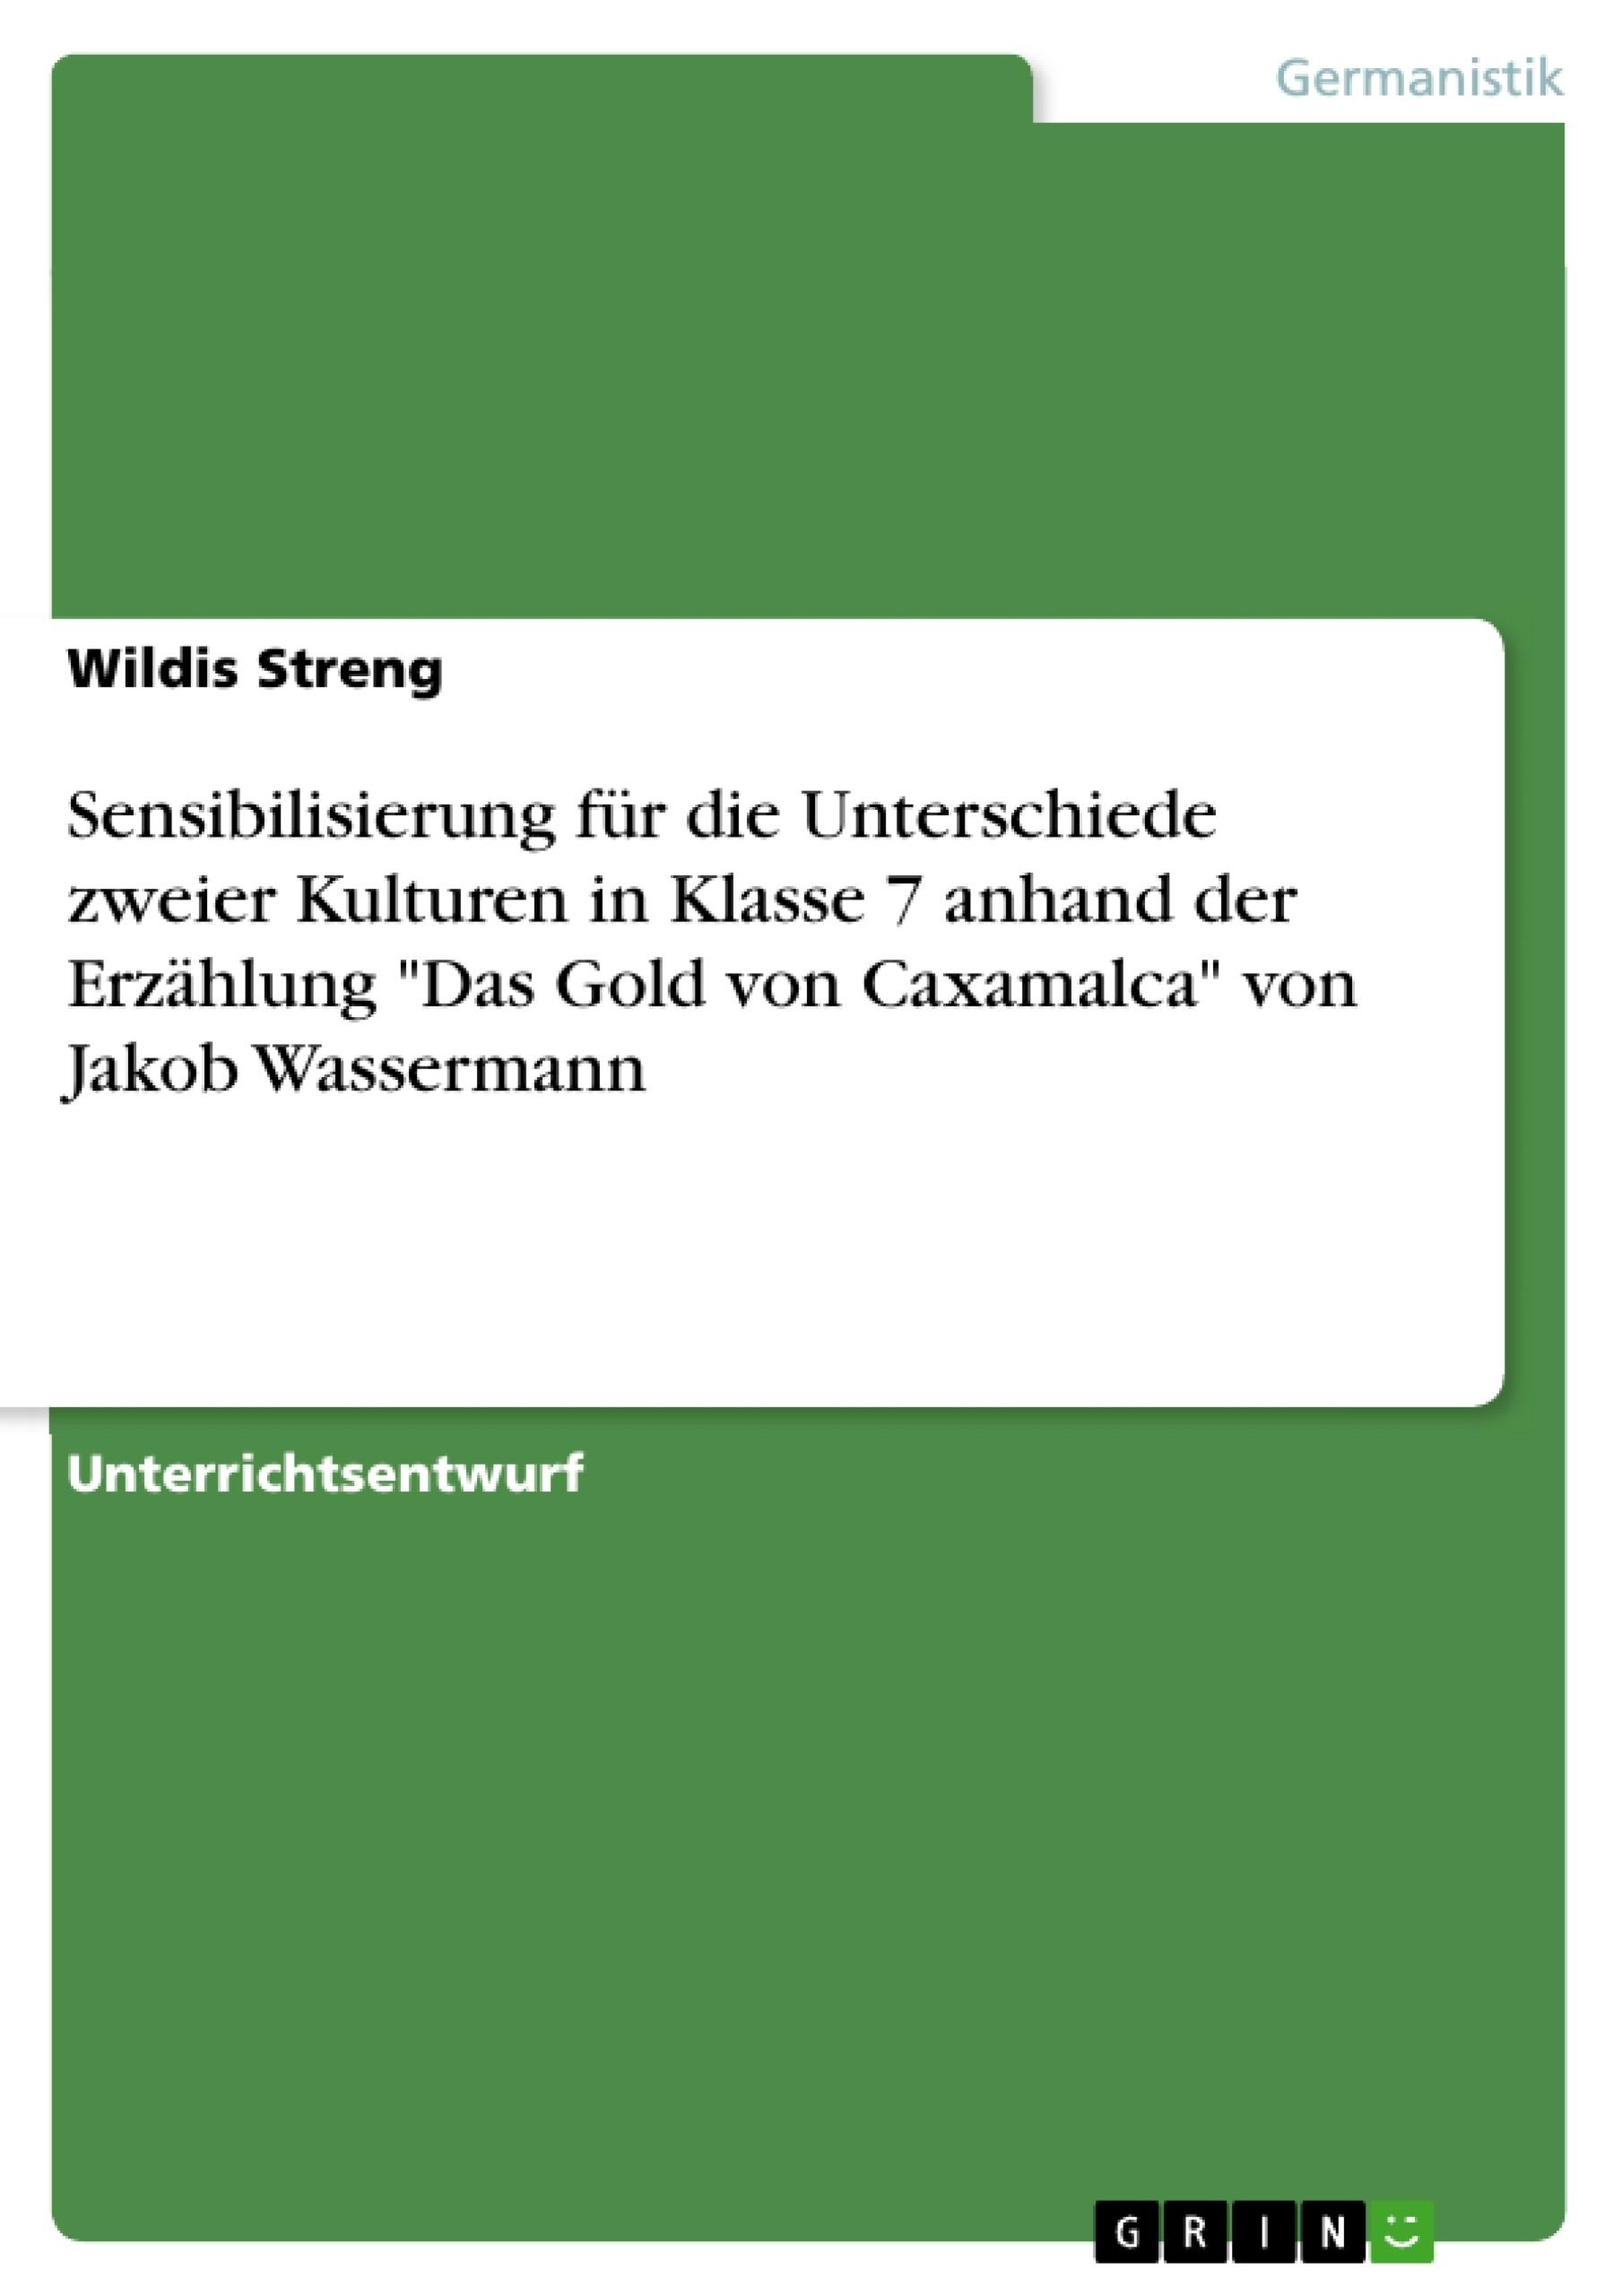 """Titel: Sensibilisierung für die Unterschiede zweier Kulturen in Klasse 7 anhand der Erzählung """"Das Gold von Caxamalca"""" von Jakob Wassermann"""